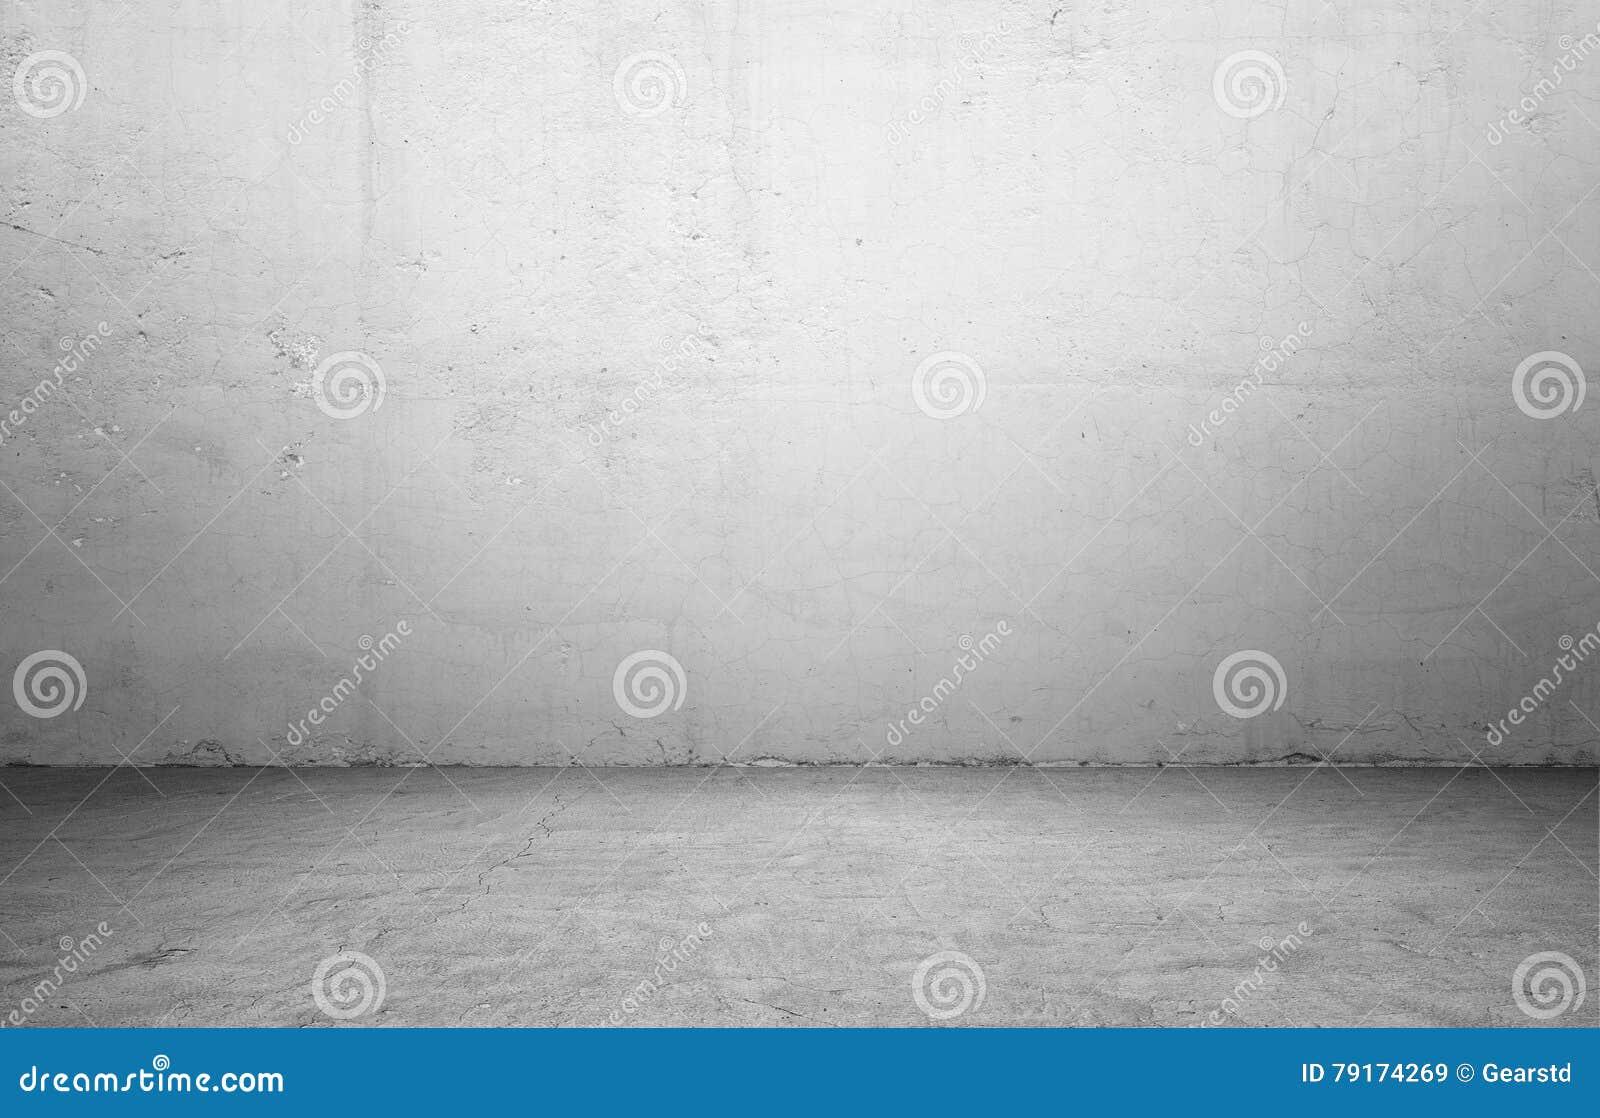 Representación del interior con el muro de cemento y el piso